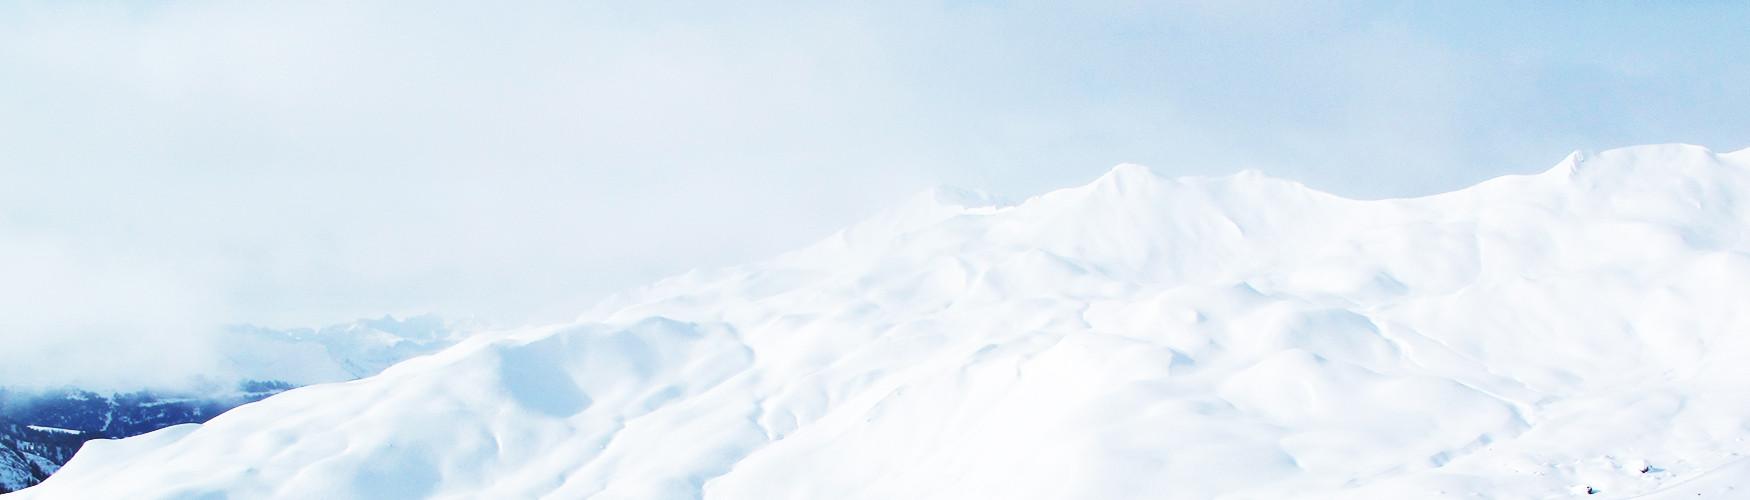 Skitour Stützpunkte, Freeride Schweiz Klosters